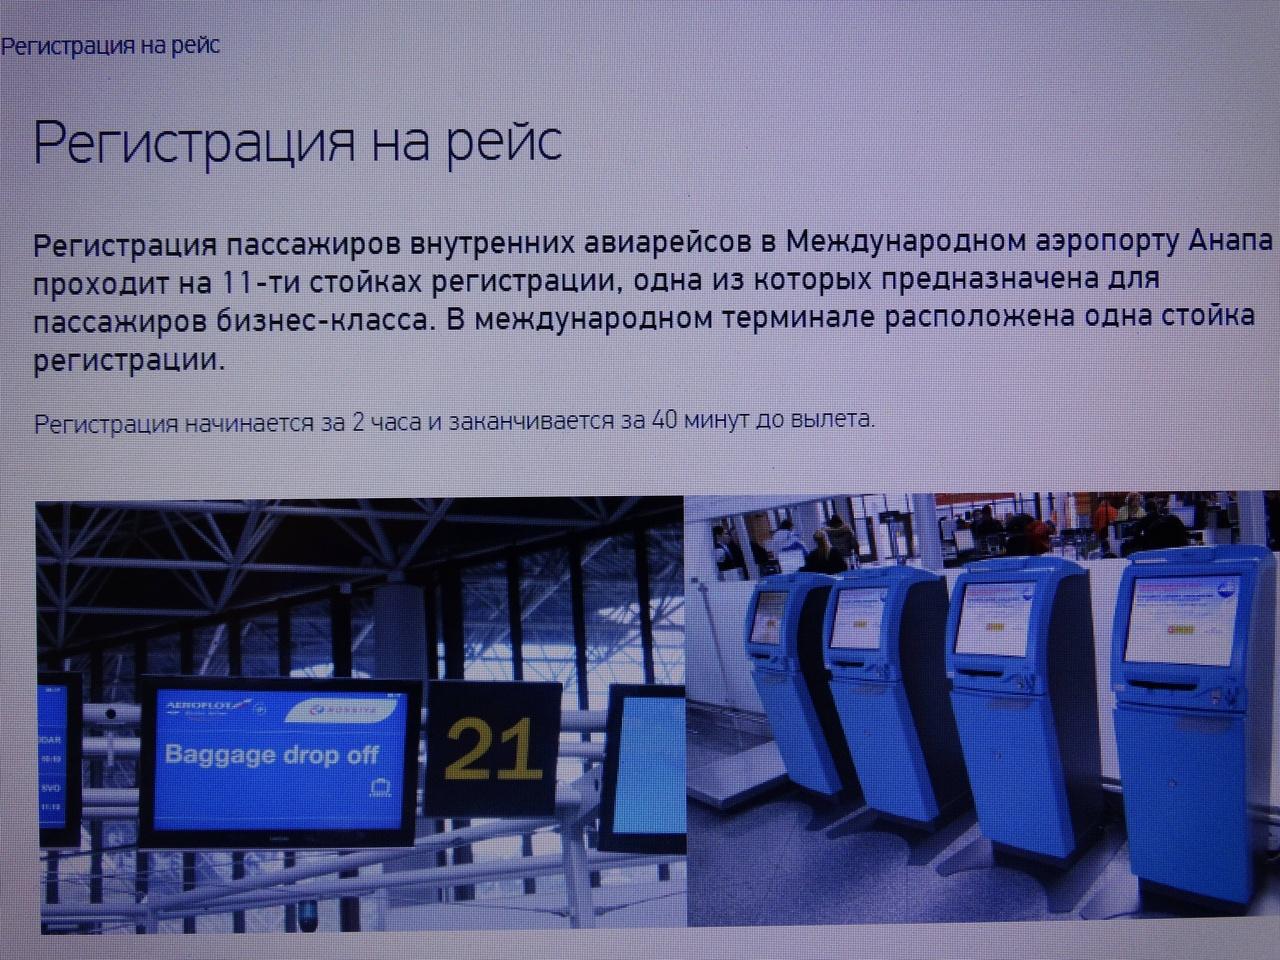 Аэропорт анапа онлайн табло вылета и прилета